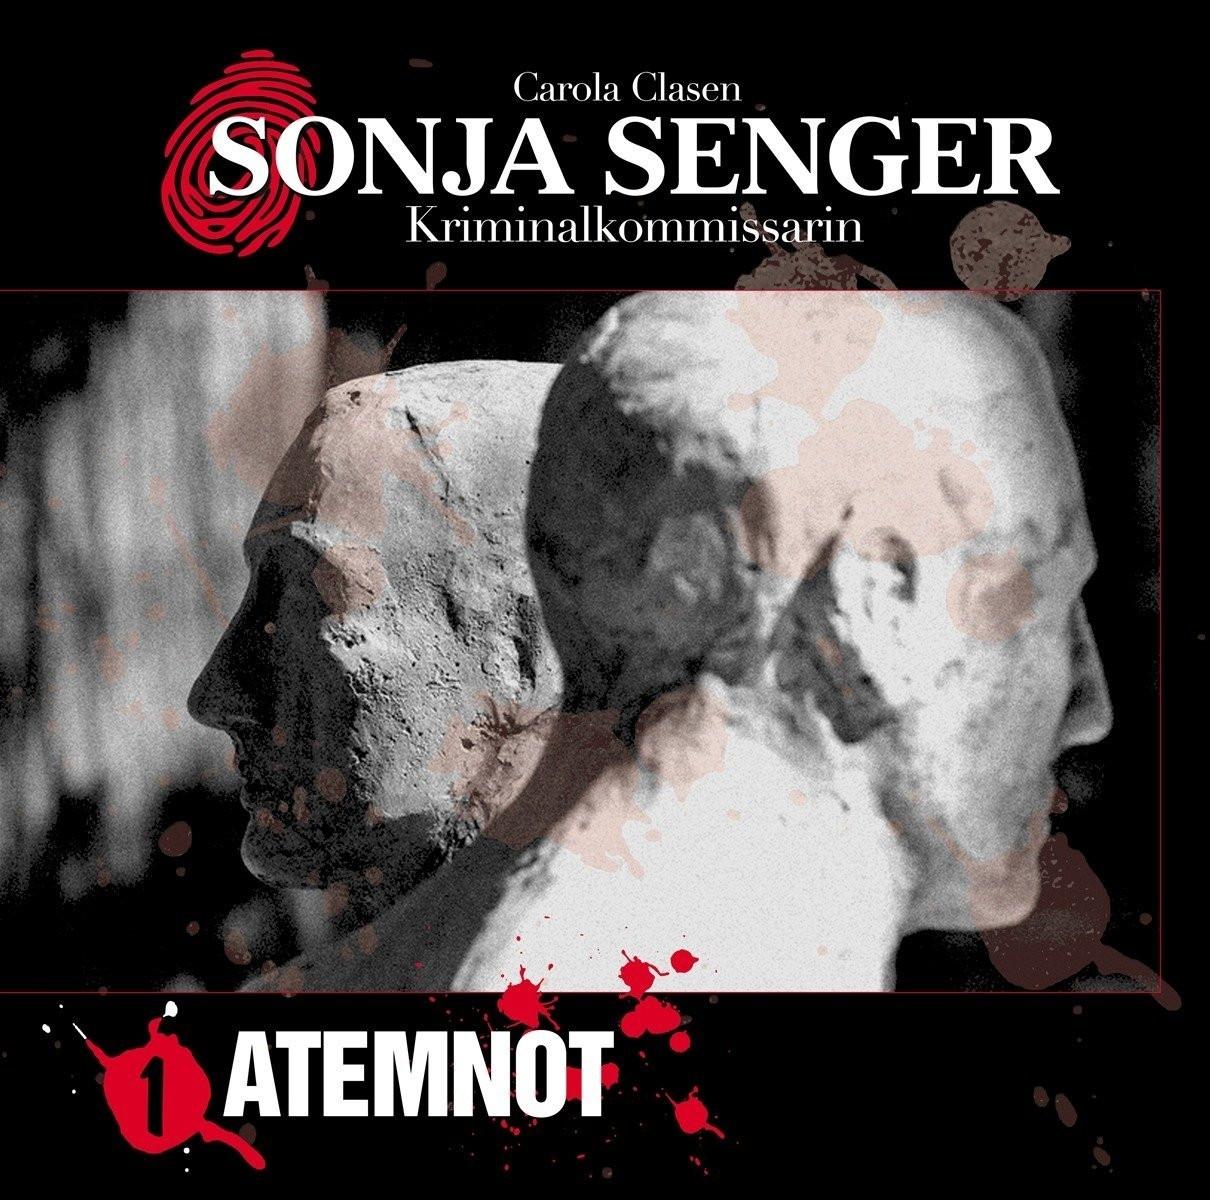 Sonja Senger: Kriminalkomissarin - Folge 1: Atemnot